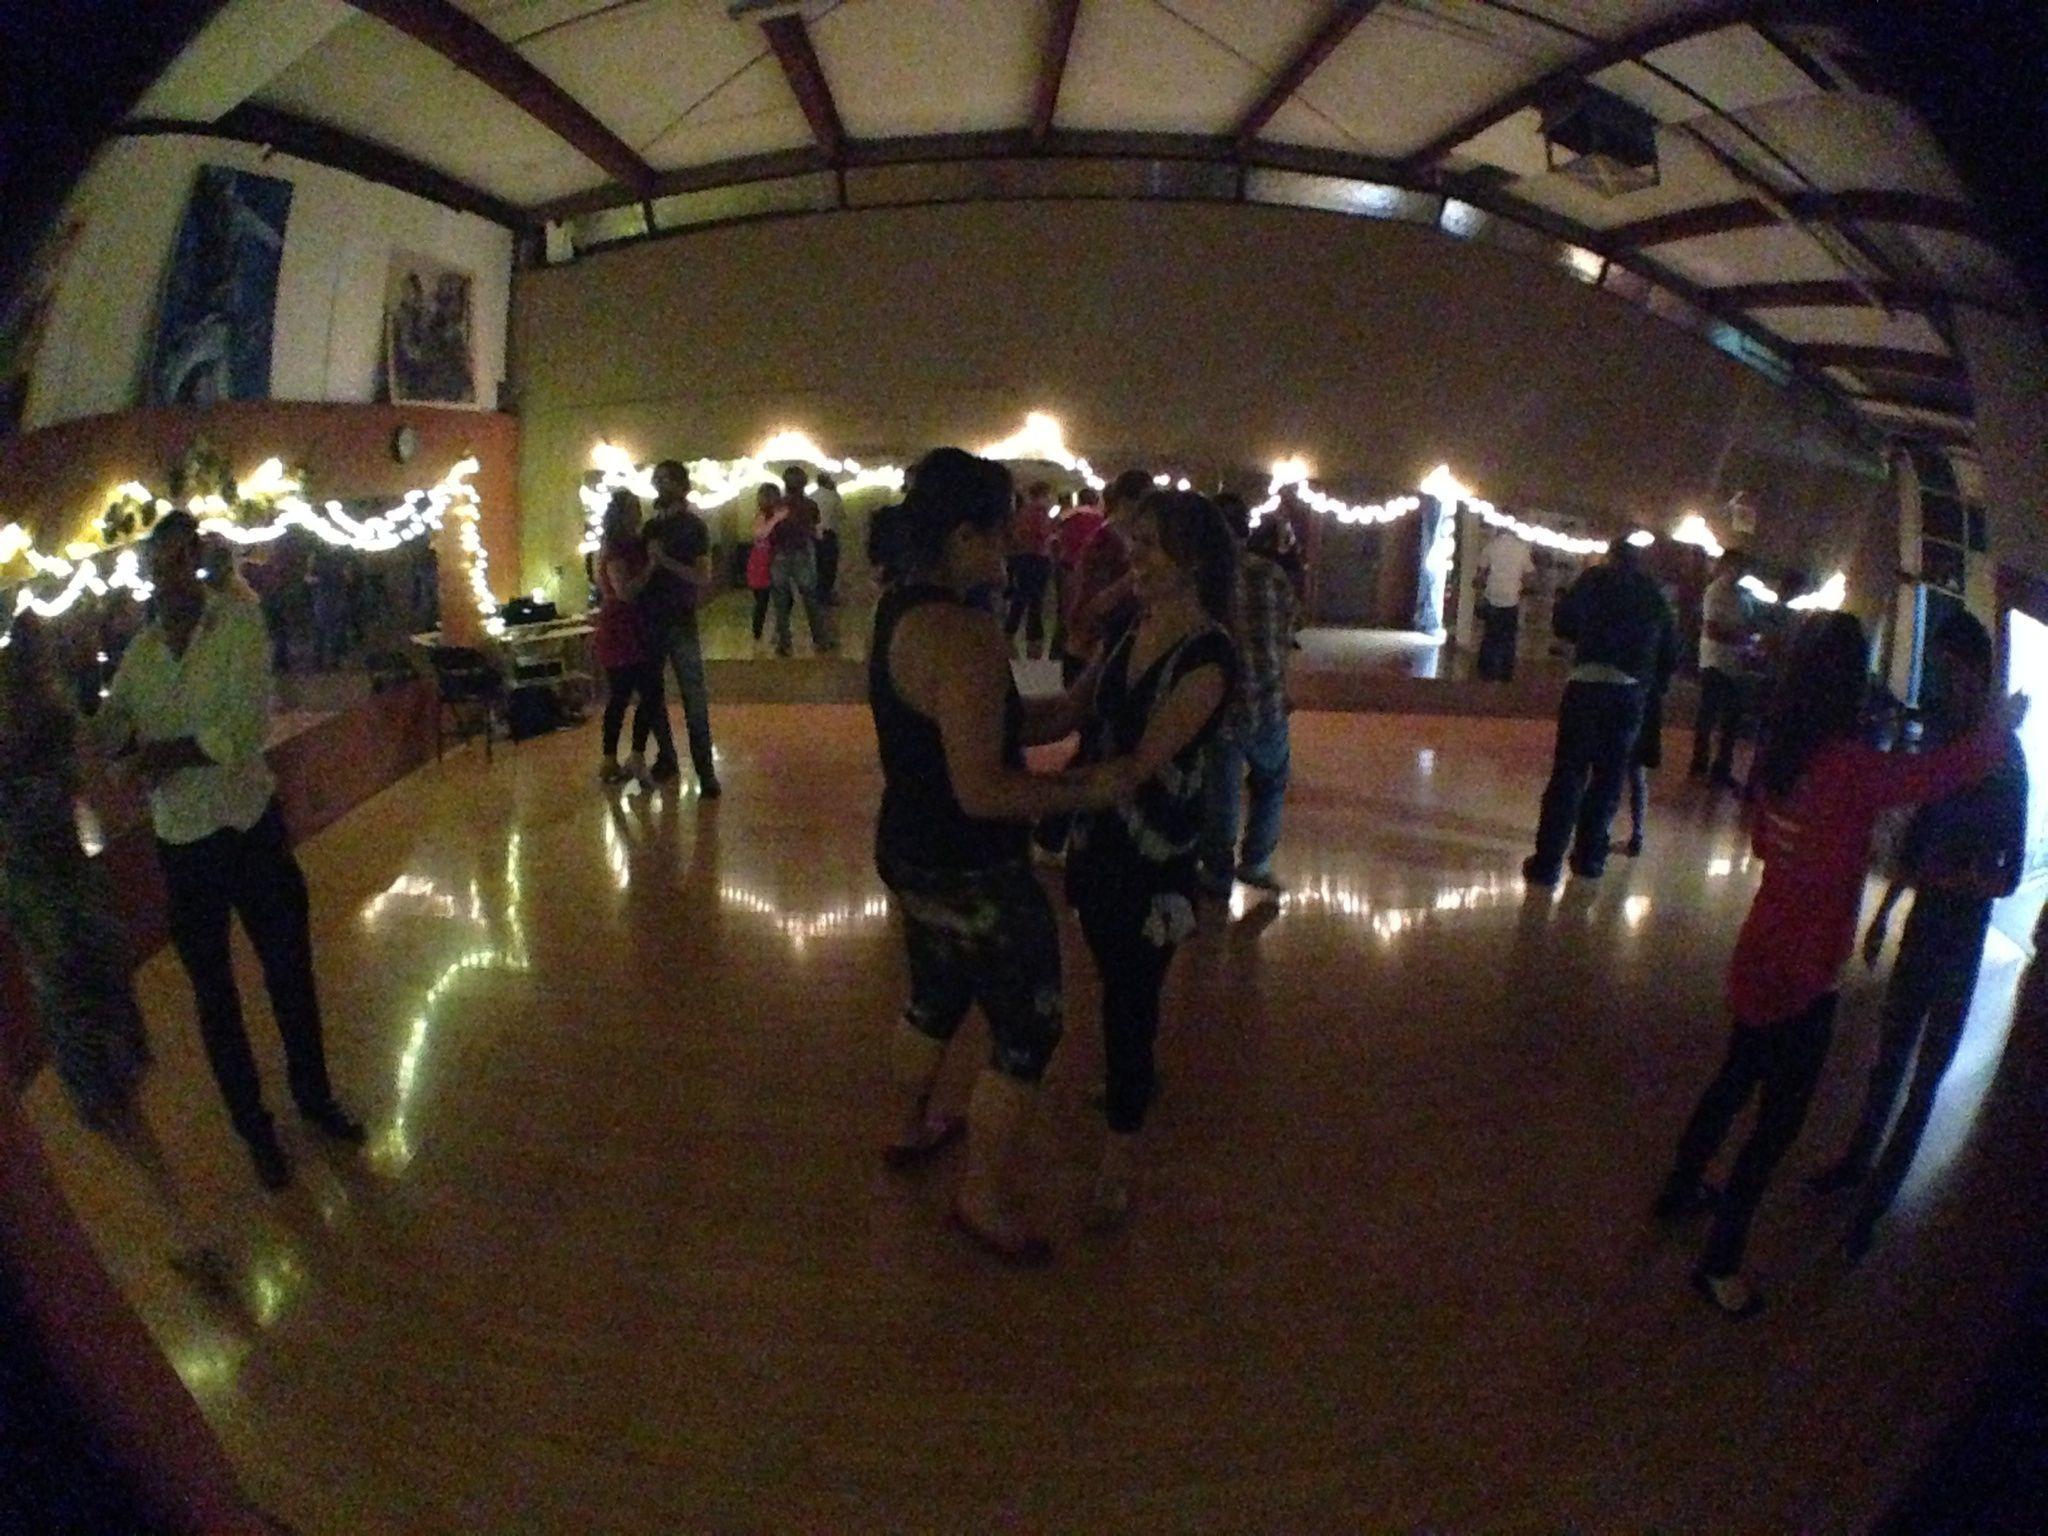 Beginning Lindy Hop